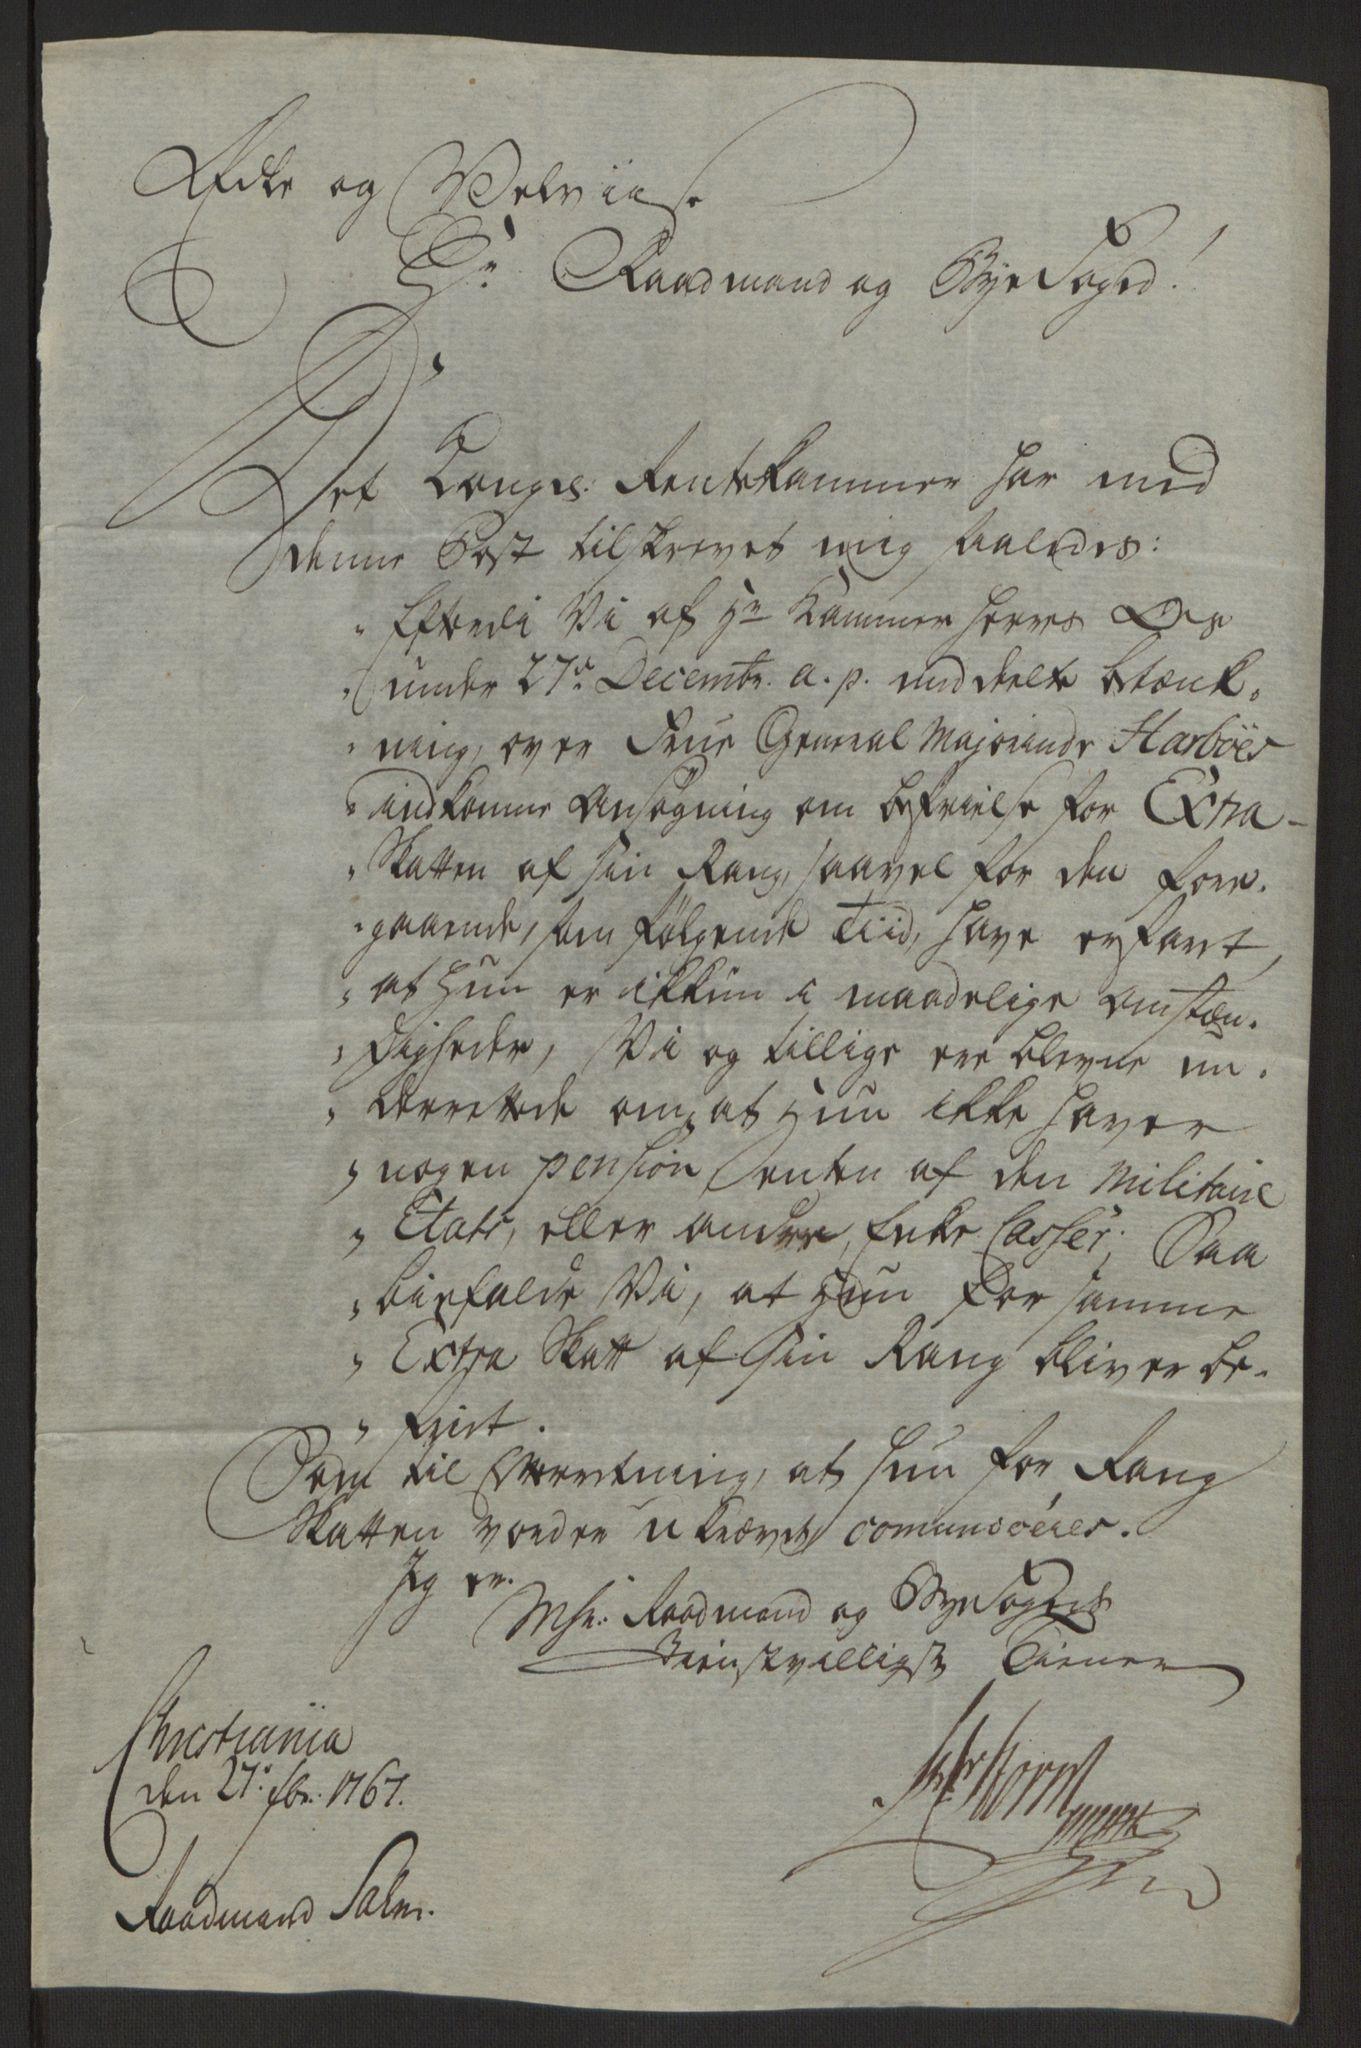 RA, Rentekammeret inntil 1814, Reviderte regnskaper, Byregnskaper, R/Rg/L0144: [G4] Kontribusjonsregnskap, 1762-1767, s. 471